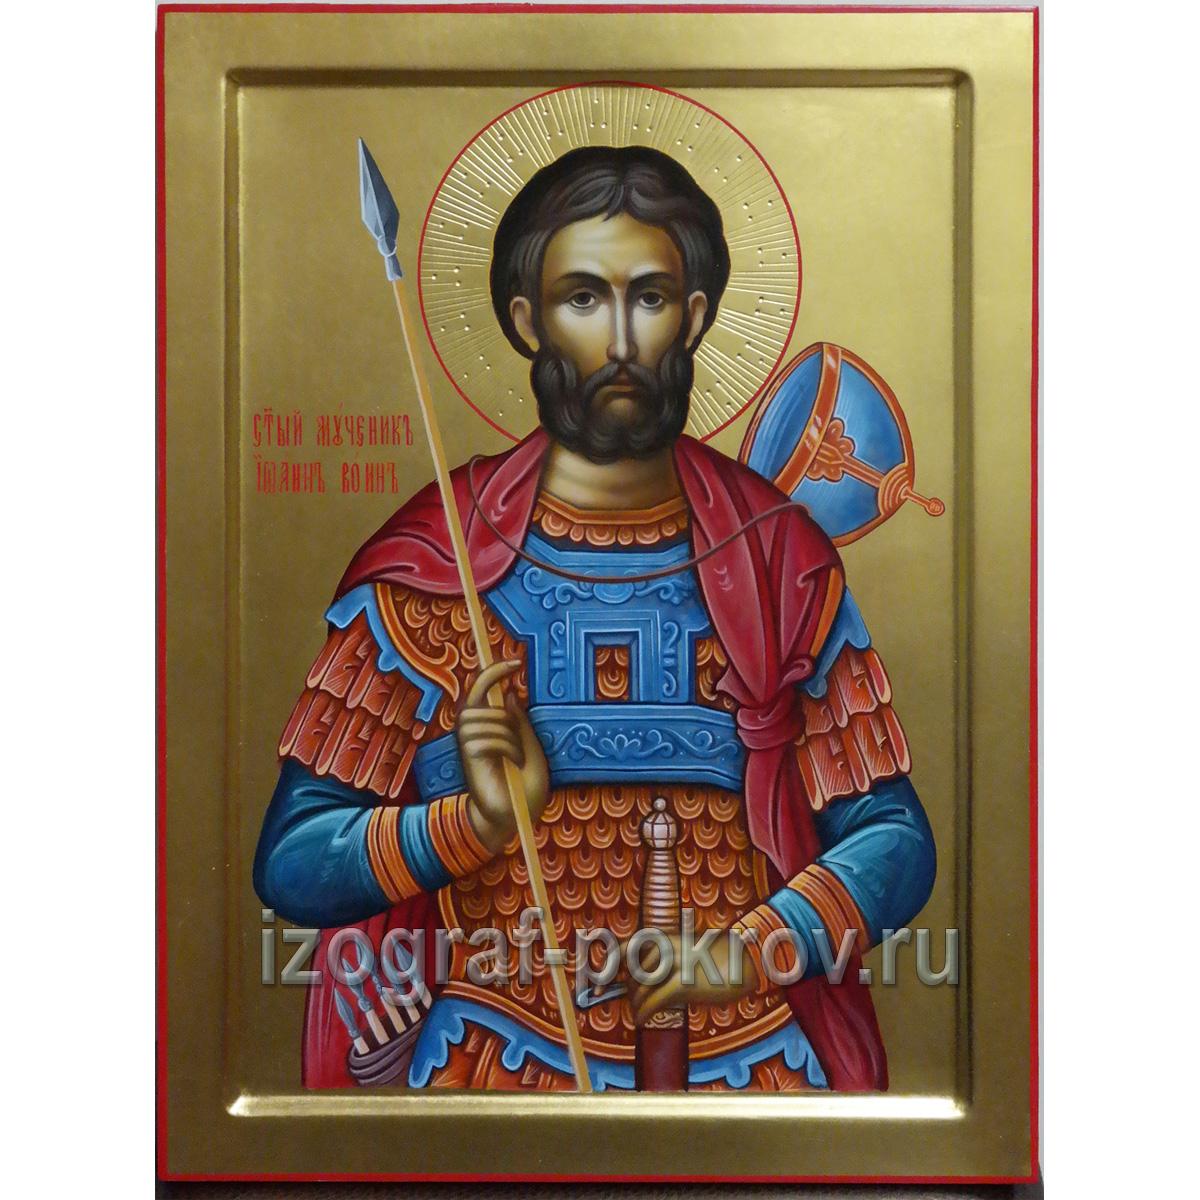 Икона Иоанн Воин. Заказ и изготовление икон.